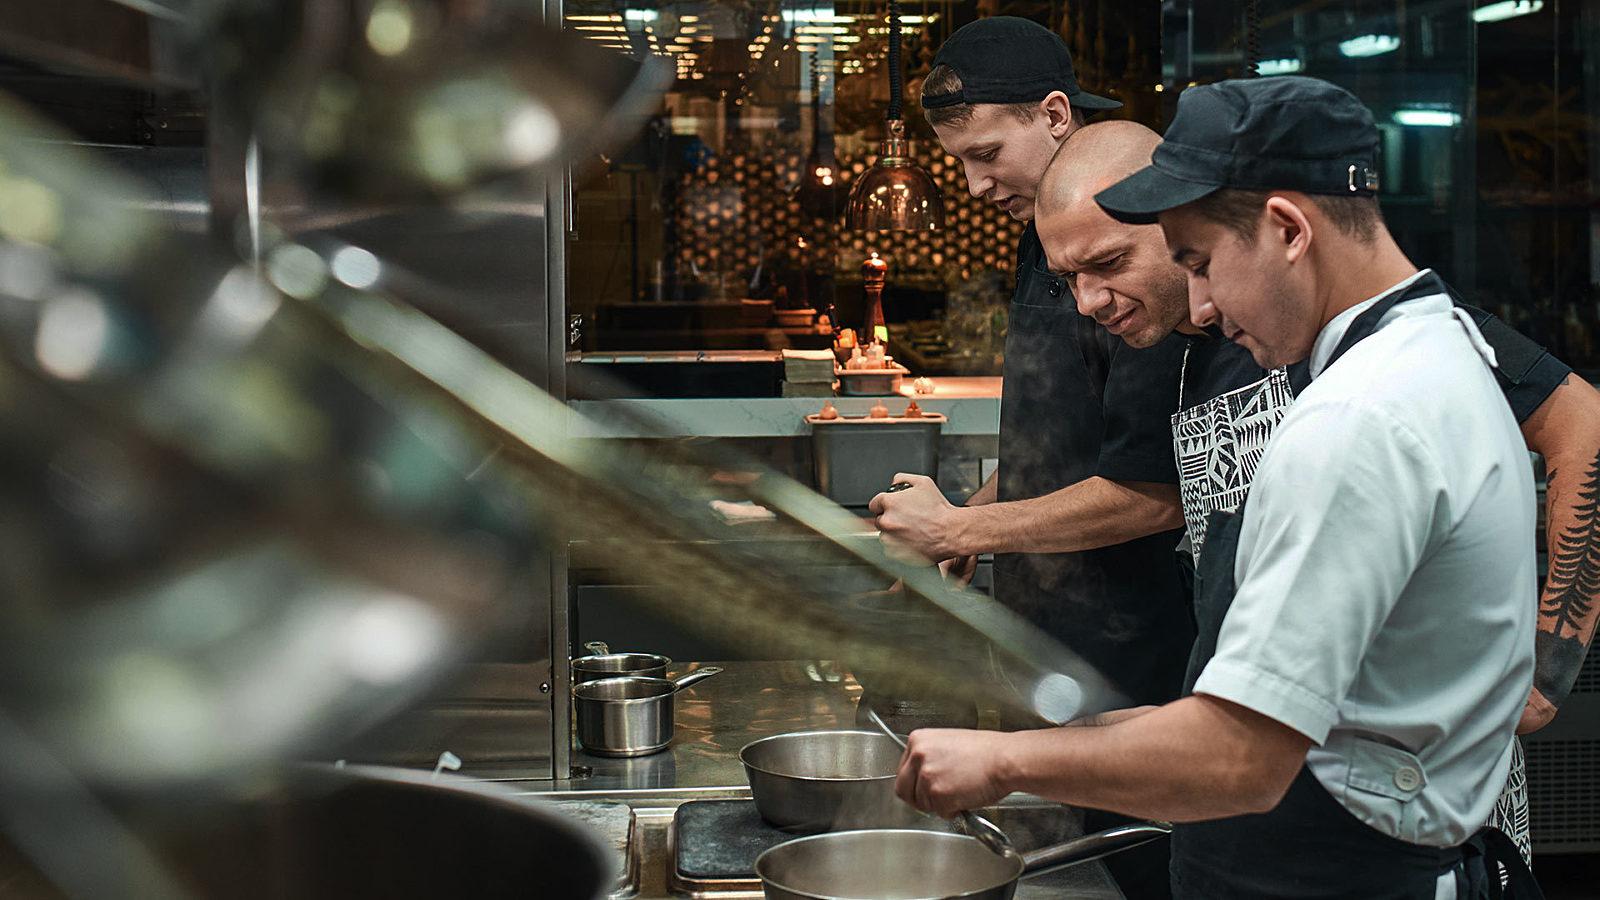 employees in a restaurant kitchen